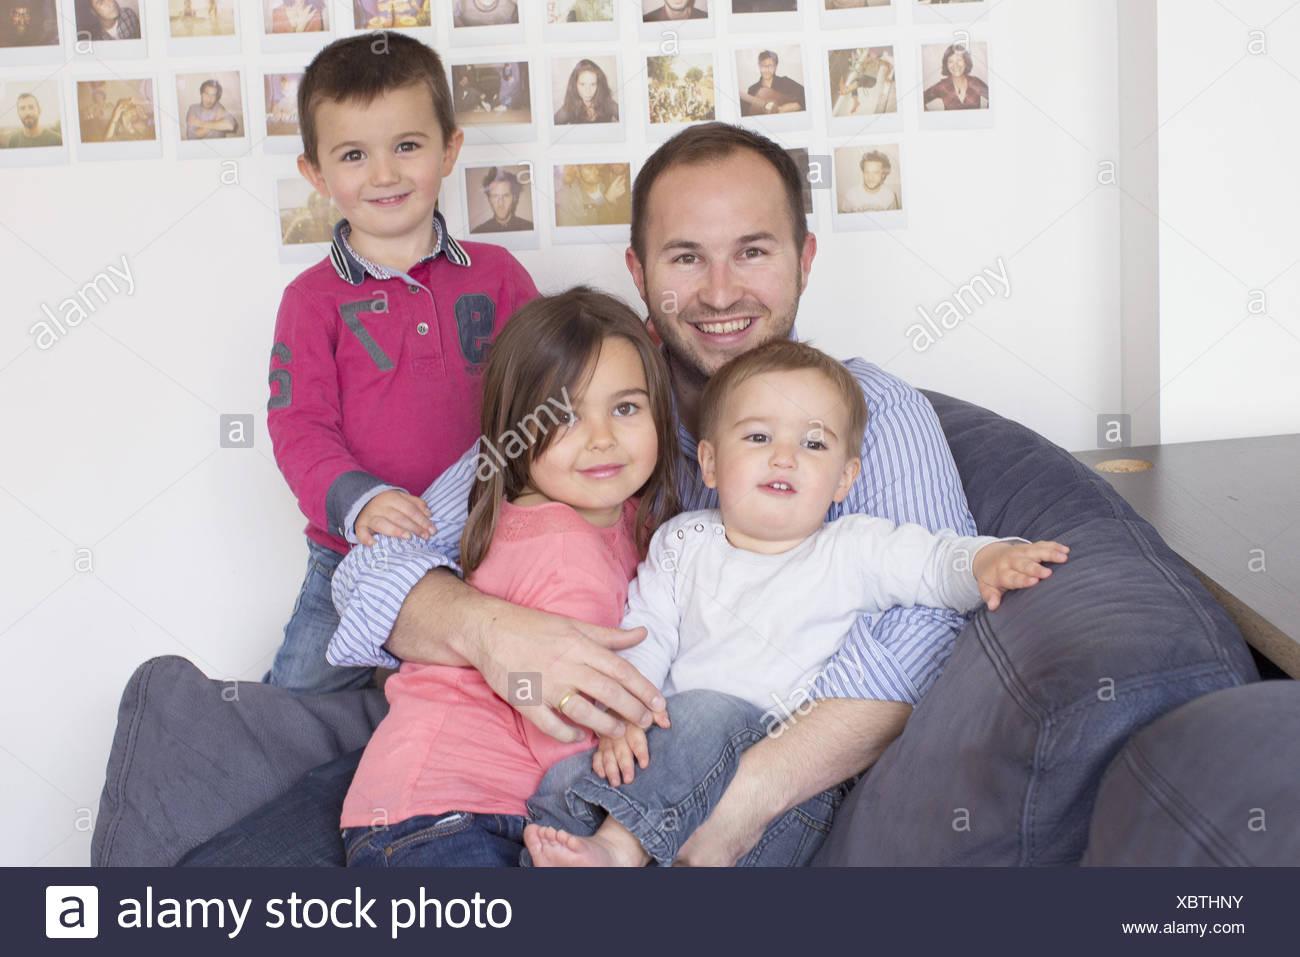 El padre y los hijos sentados juntos en el sofá, Retrato Imagen De Stock